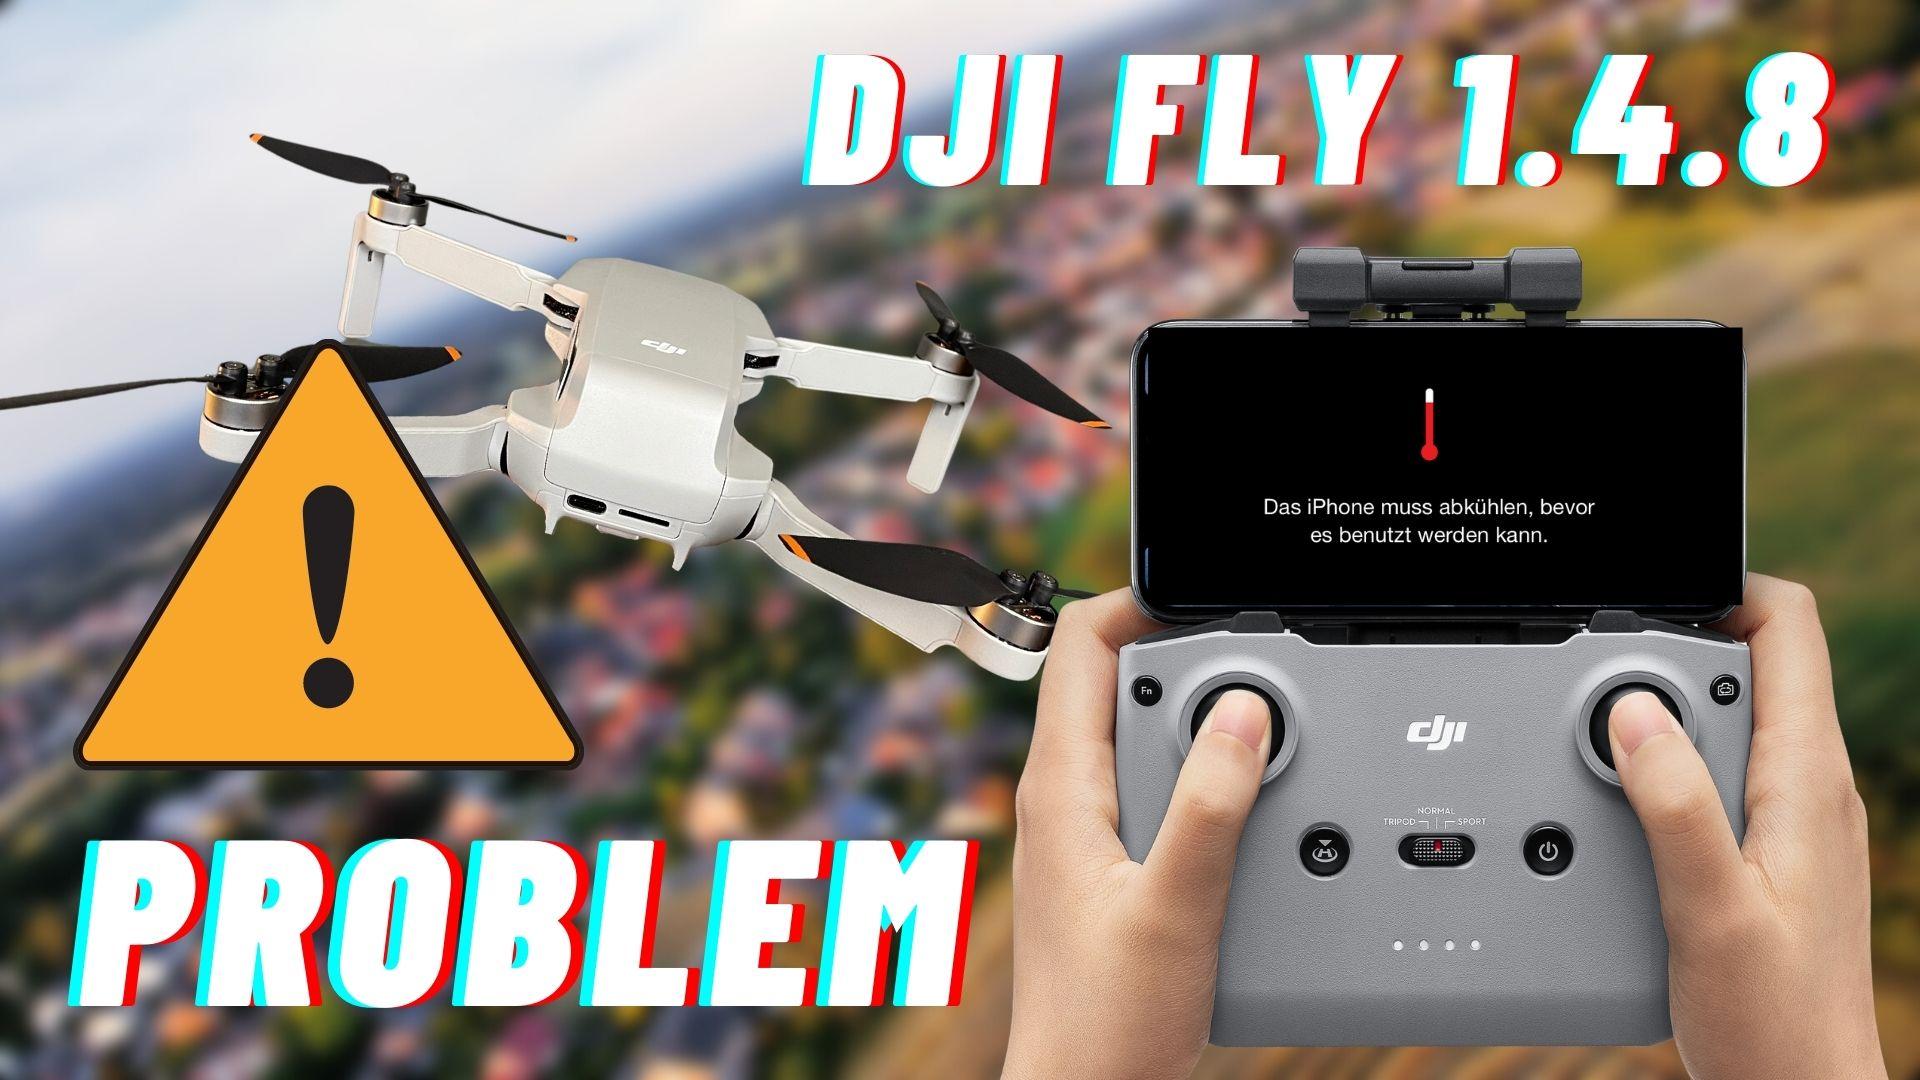 Achtung! DJI Fly 1.4.8 Problem mit verdunkelnden iPhone Displays bis hin zur kompletten Abschaltung